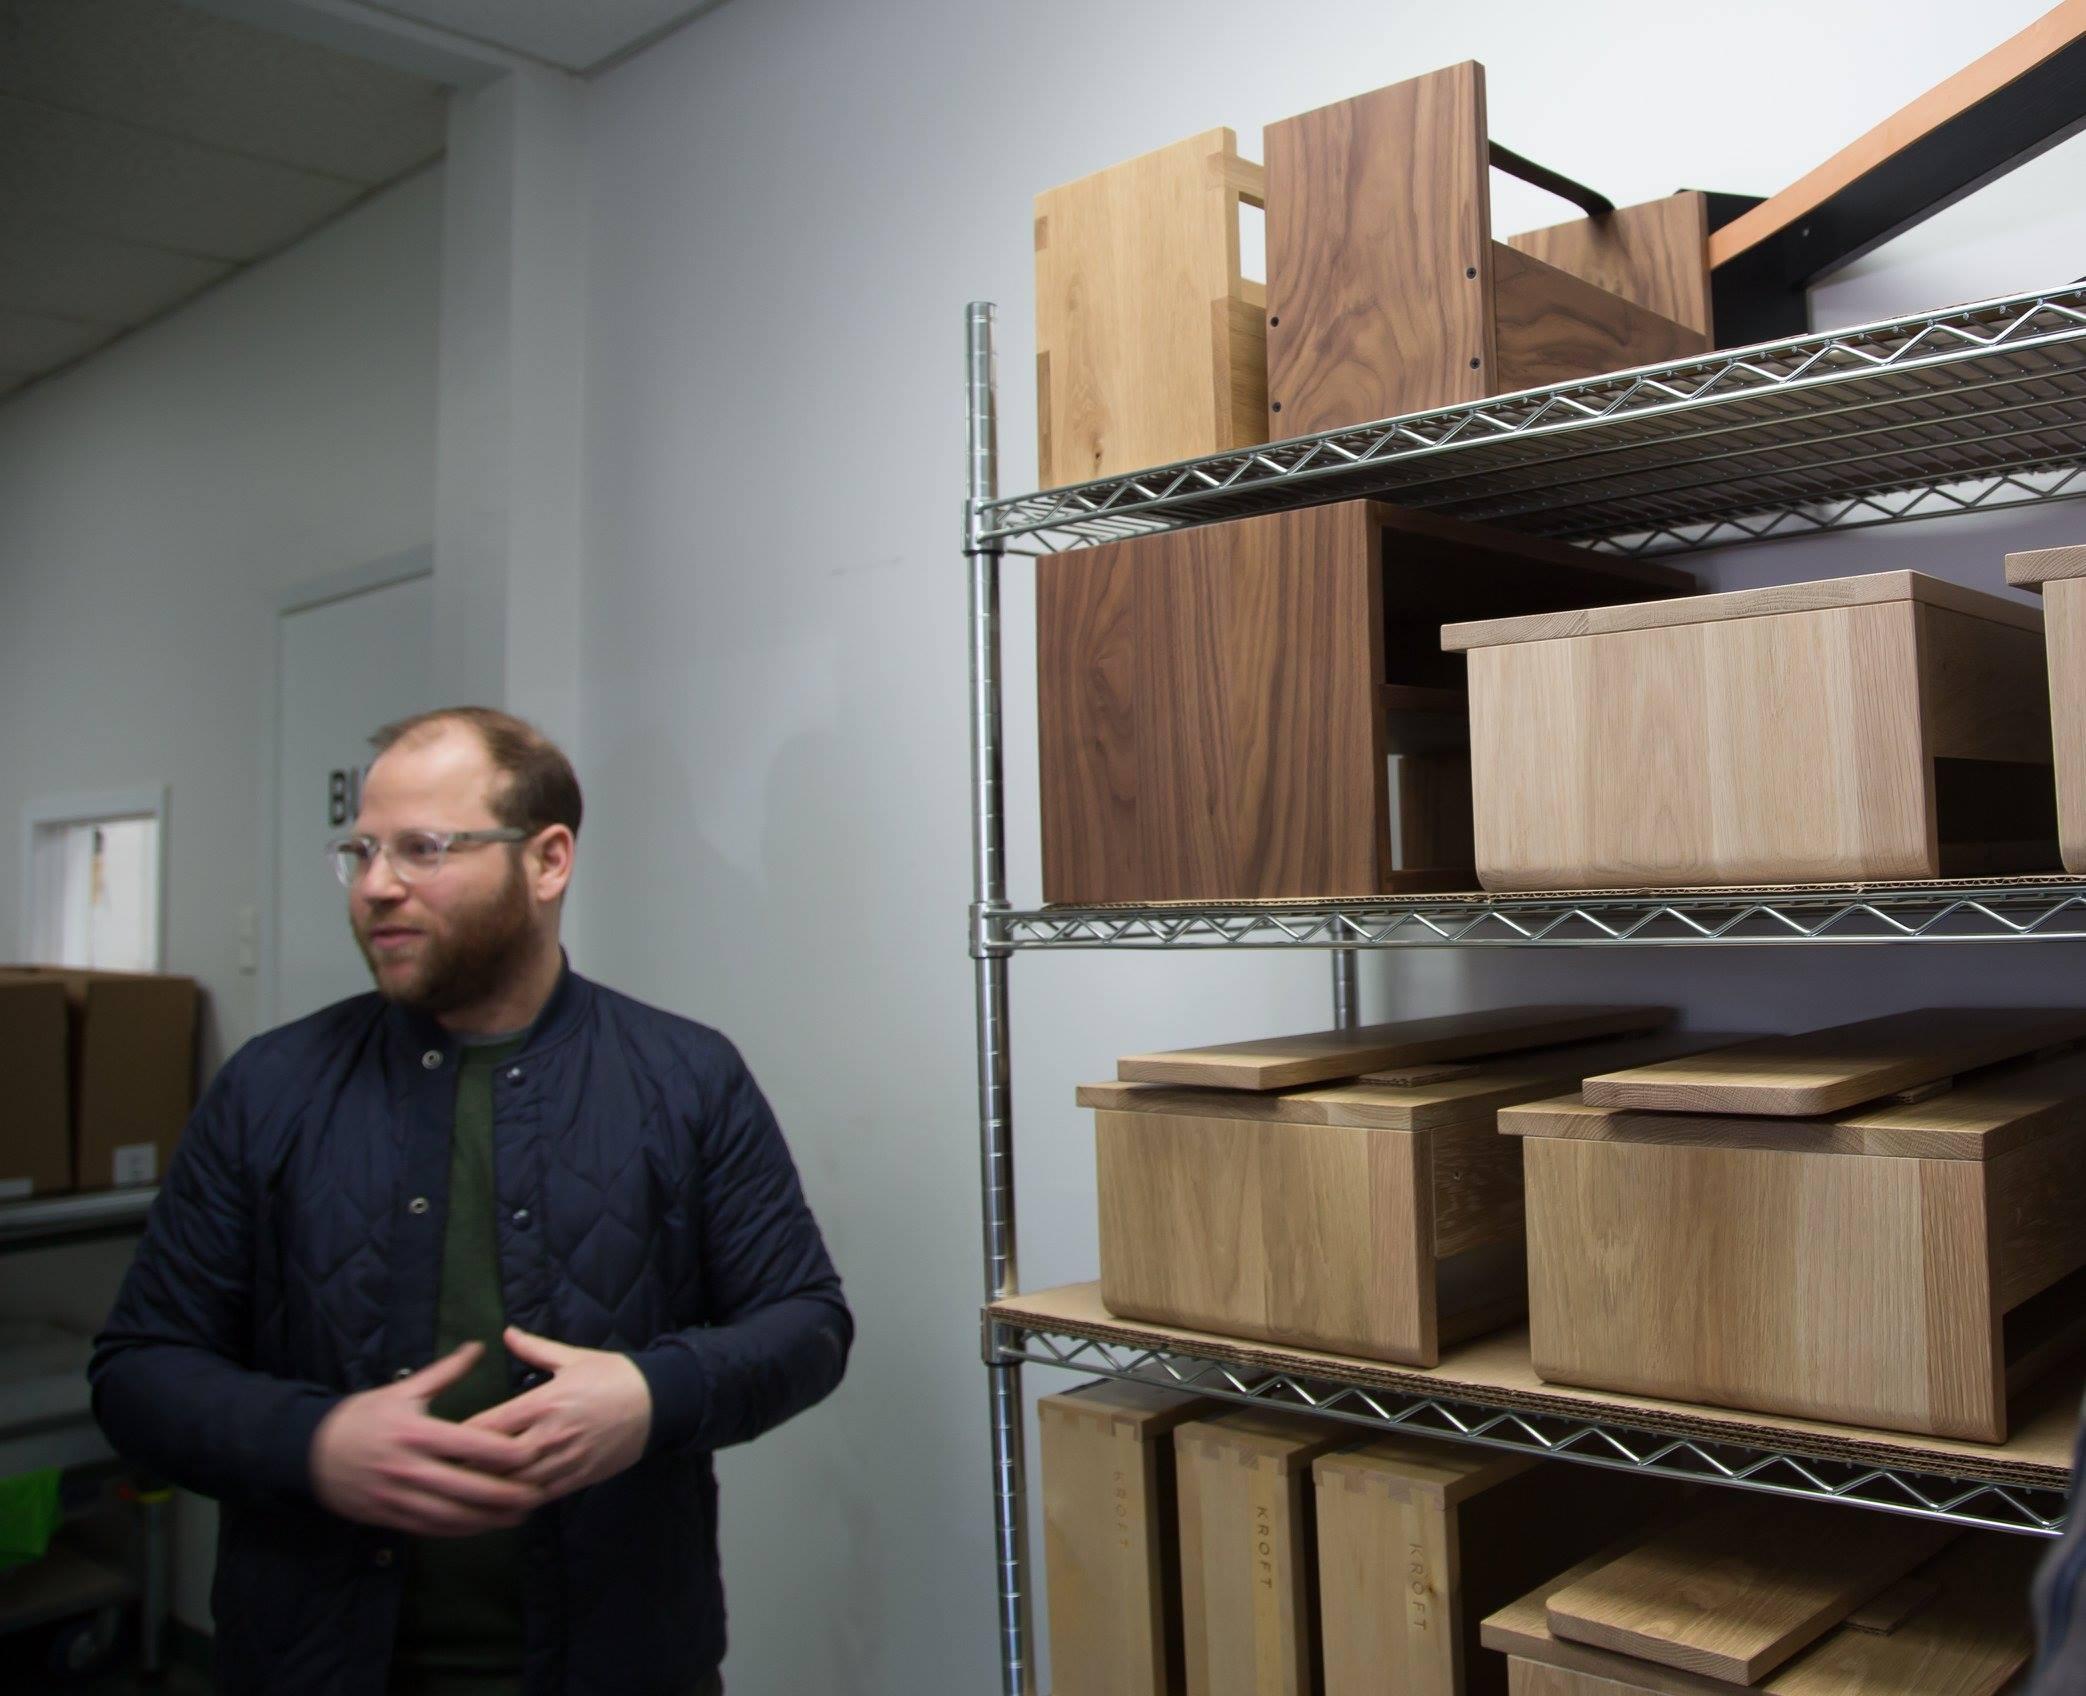 Dustin Kroft talks about the process